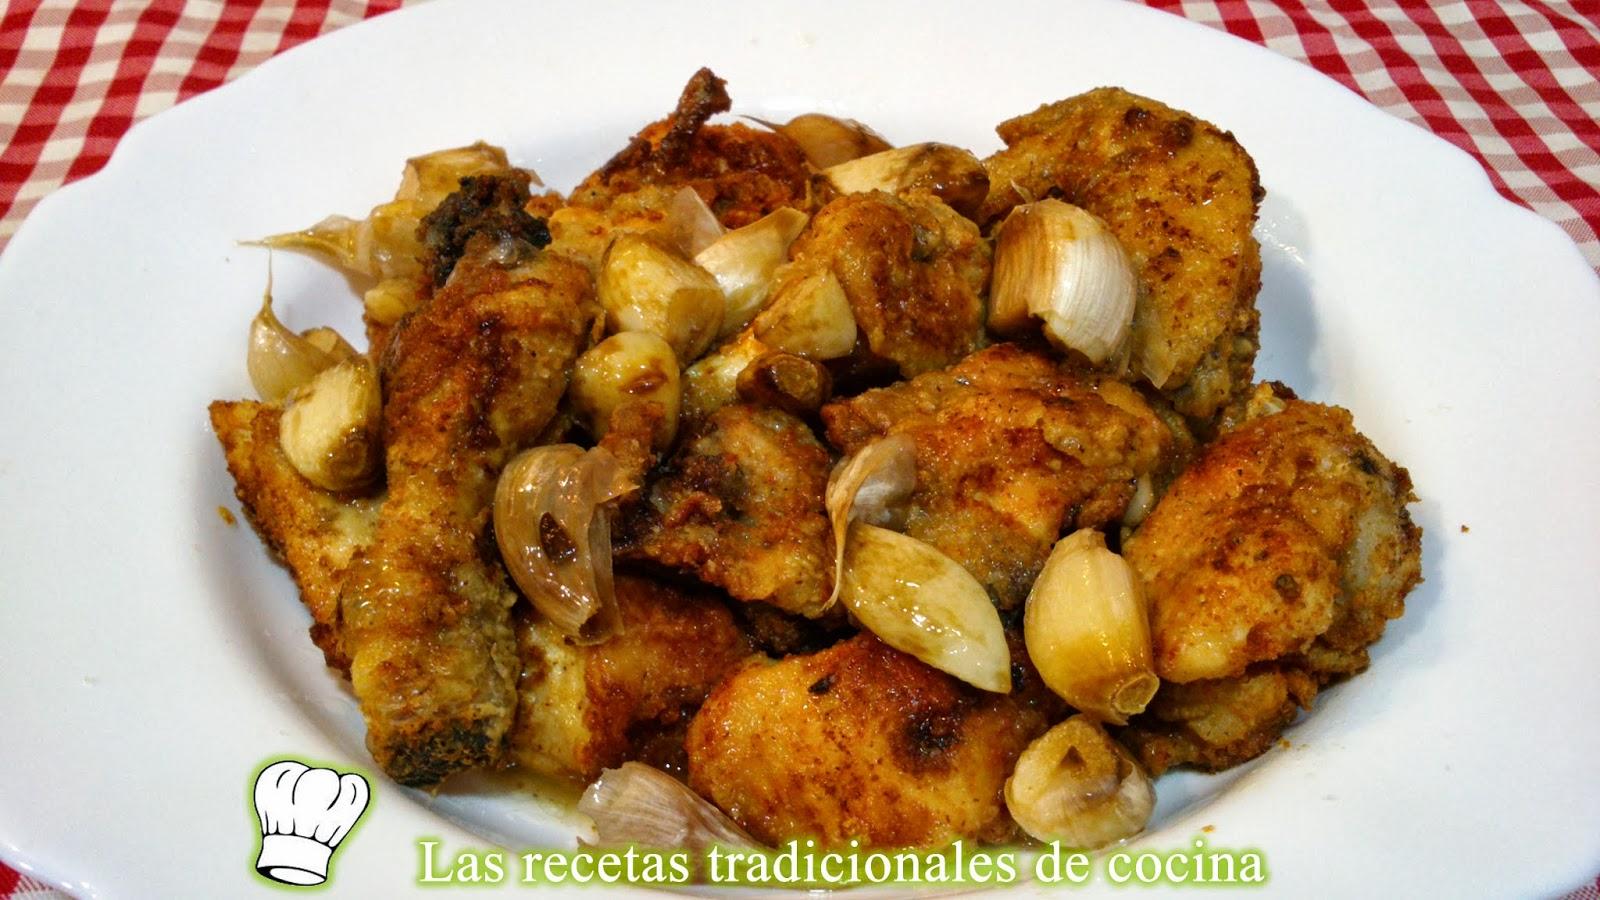 Receta f cil y r pida de pollo al ajo recetas de cocina for Cocina facil y rapida para principiantes